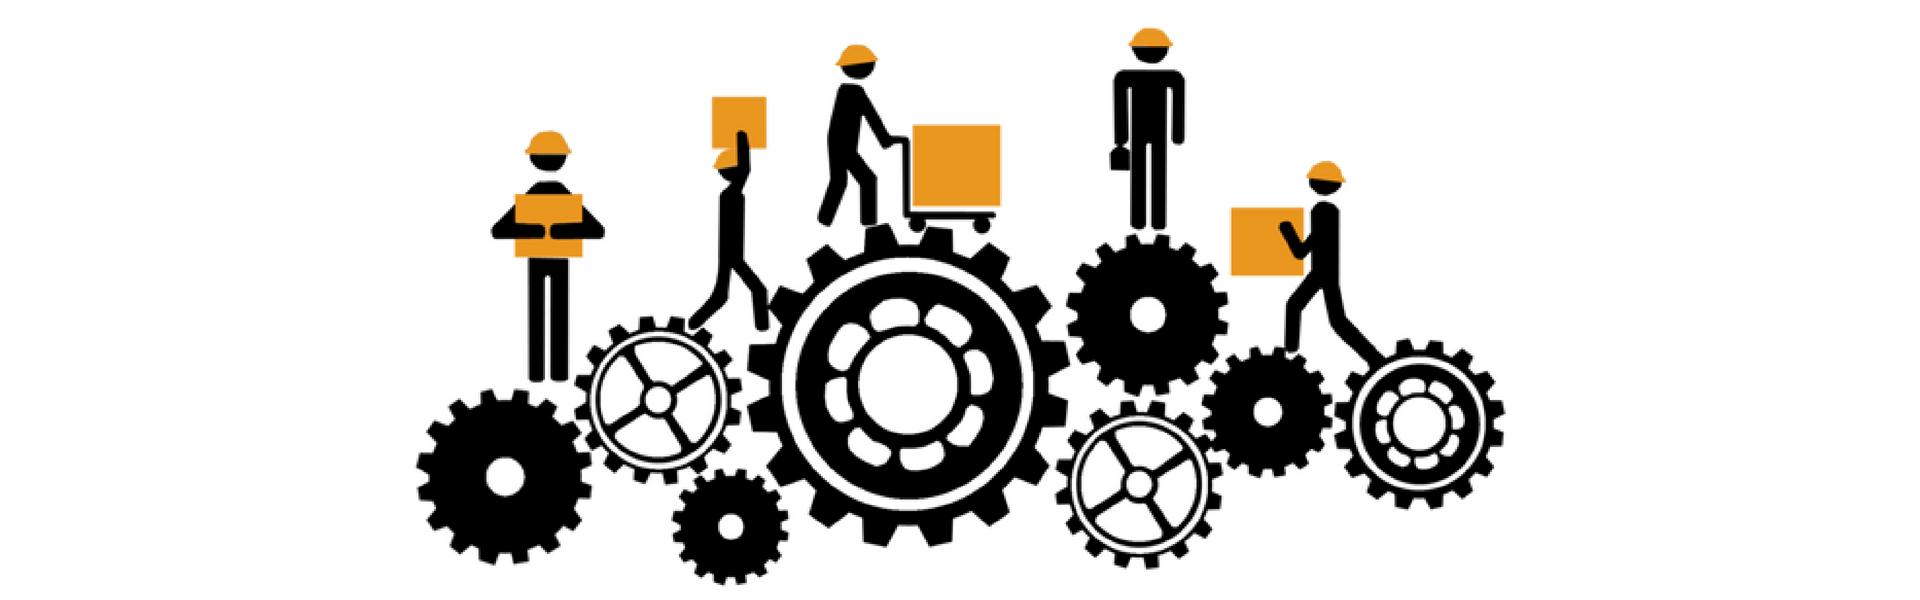 Change Management Team Work